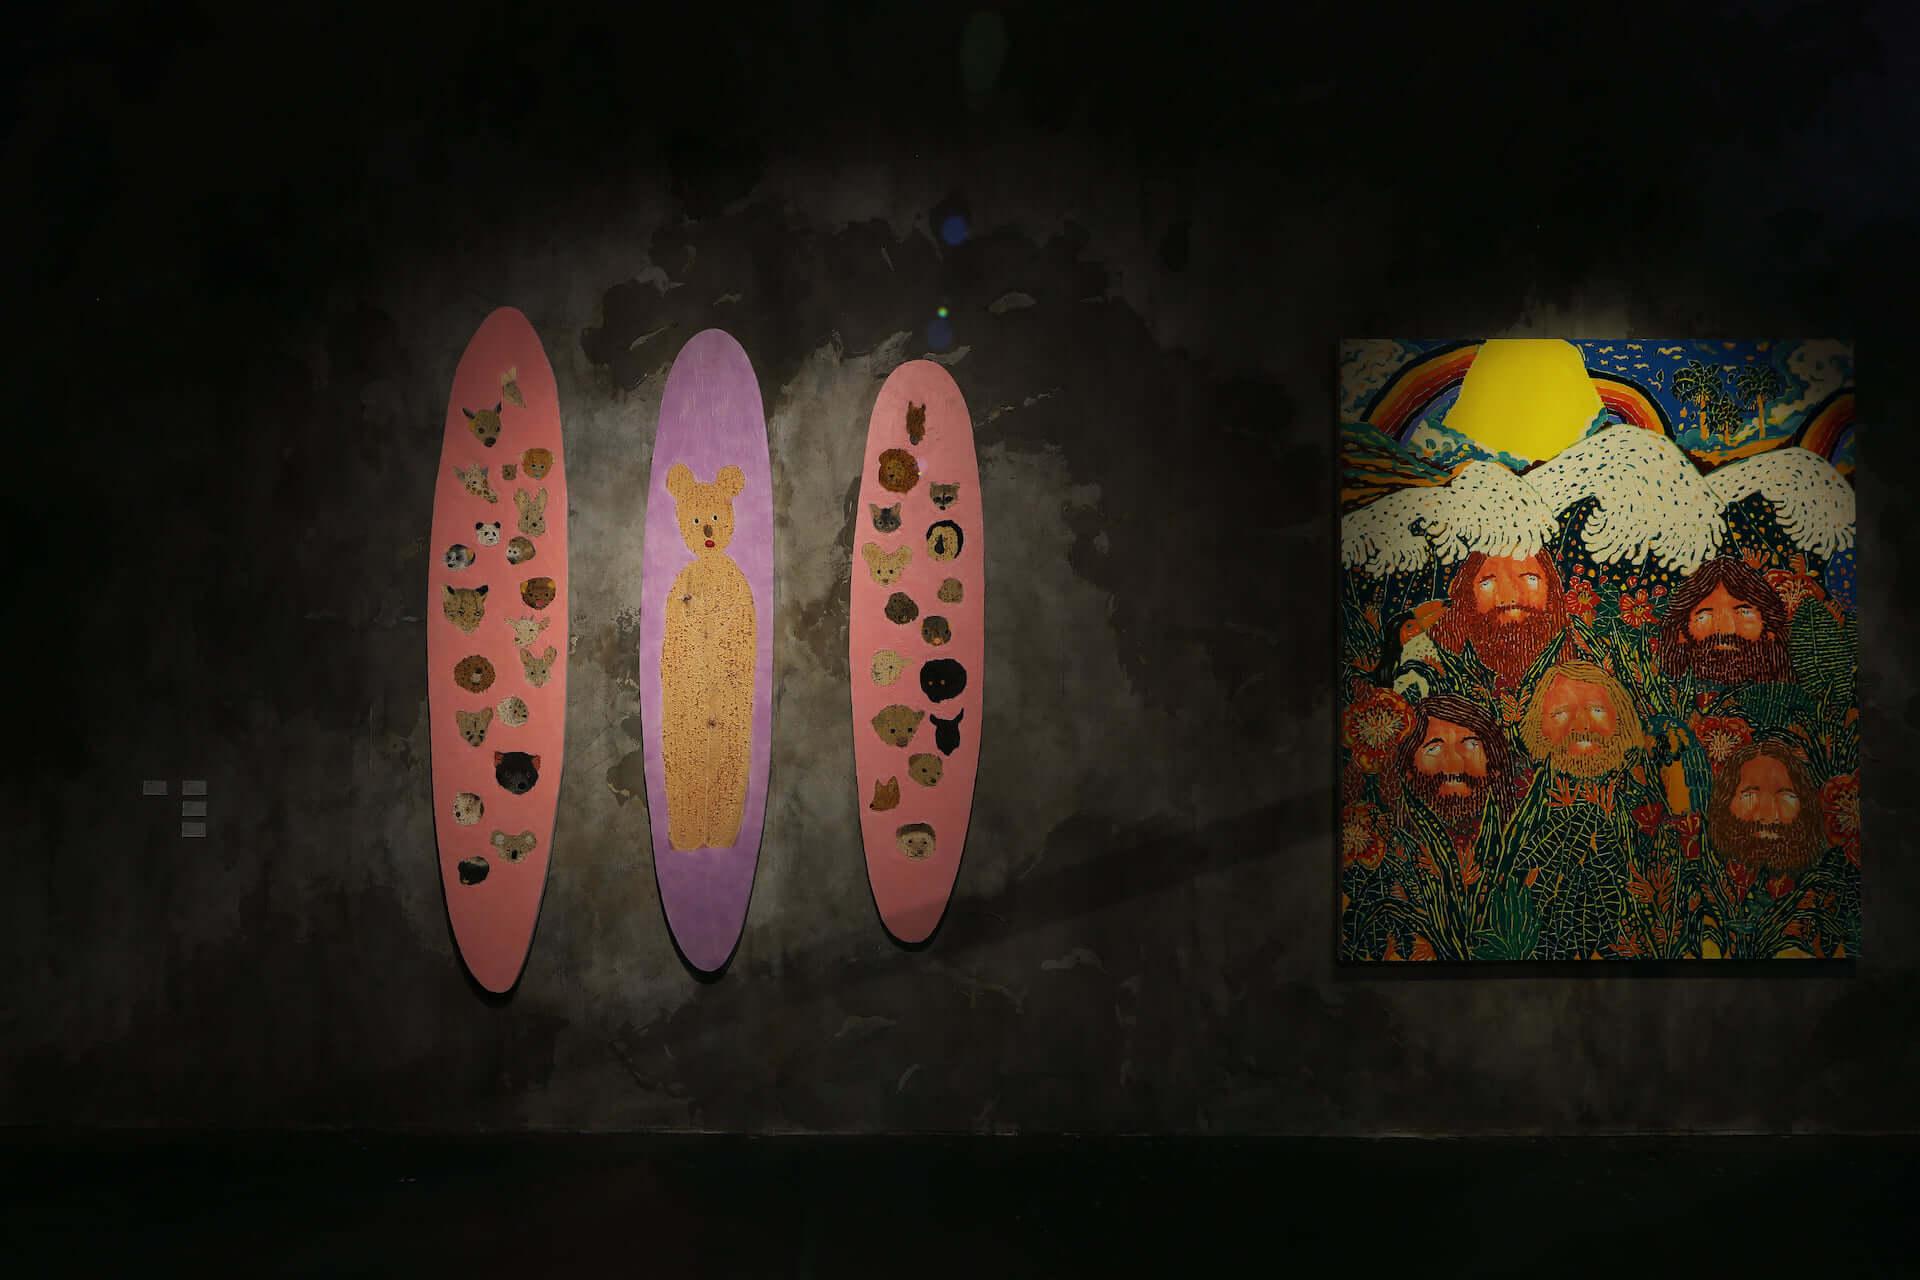 NANZUKAがキュレーションするグループ展<JP POP UNDERGROUND>が心斎橋PARCOにて開催中!田名網敬一、山口はるみ、YOSHIROTTENらが参加 art201125_nanzuka-jpu_3-1920x1280